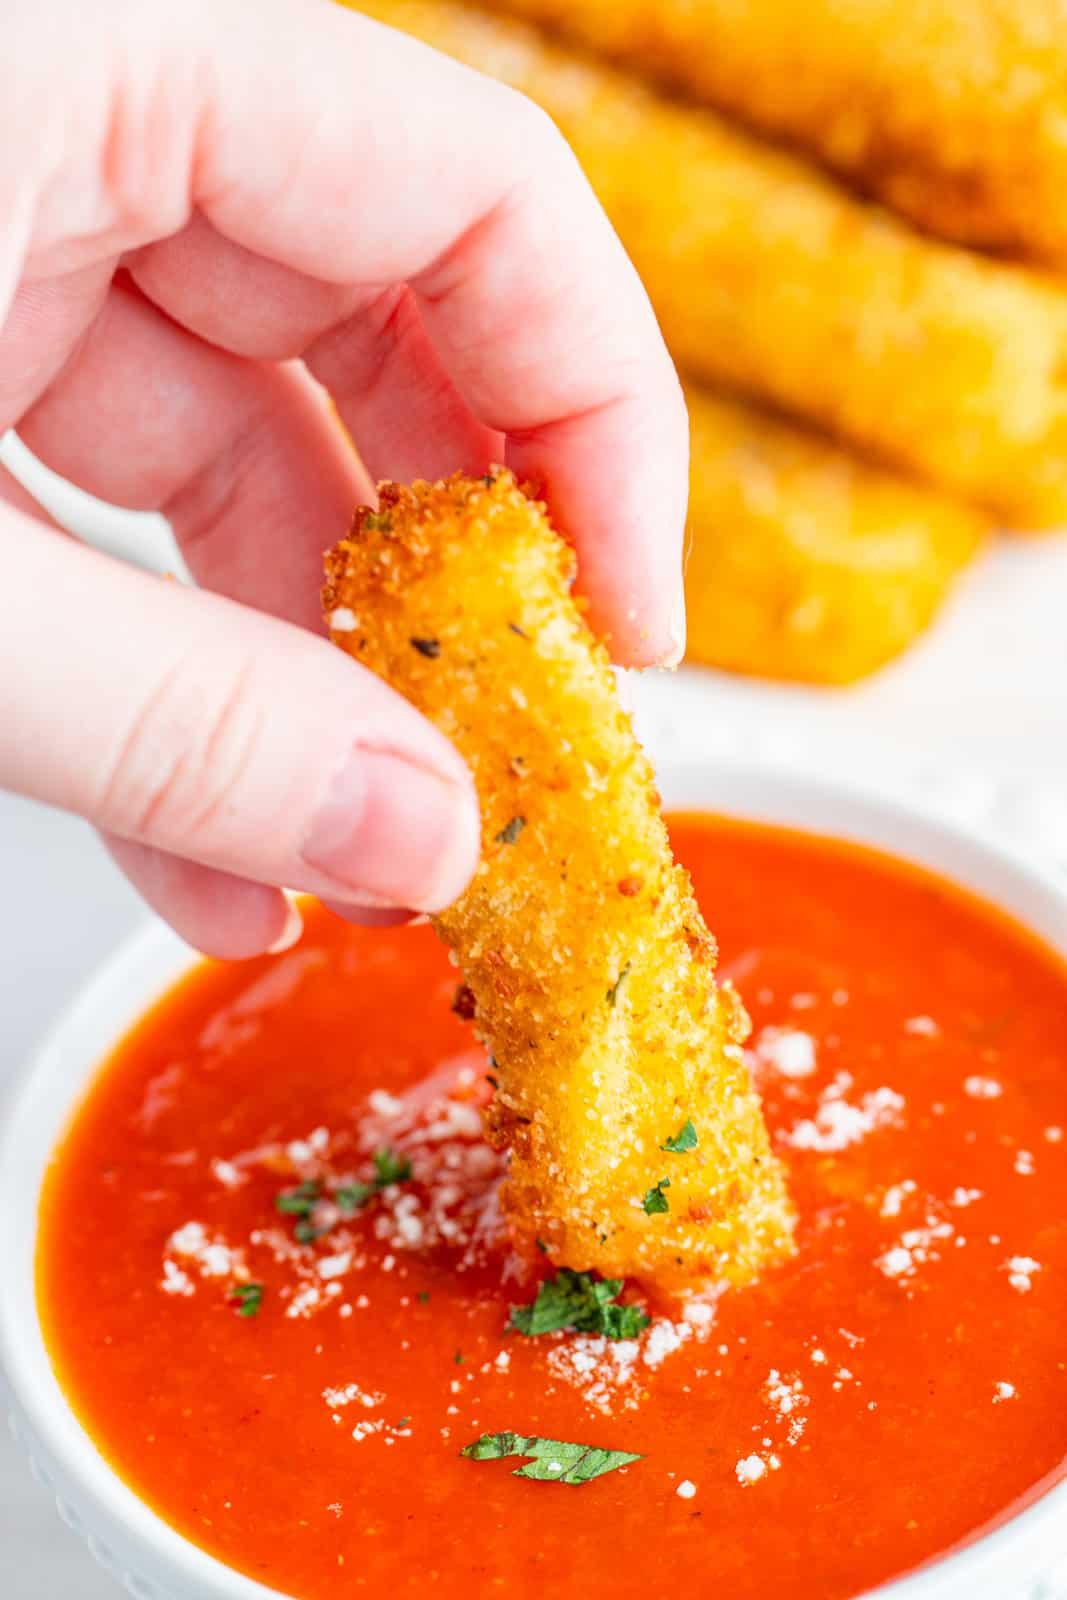 Hand dipping one Mozzarella Stick into marinara sauce